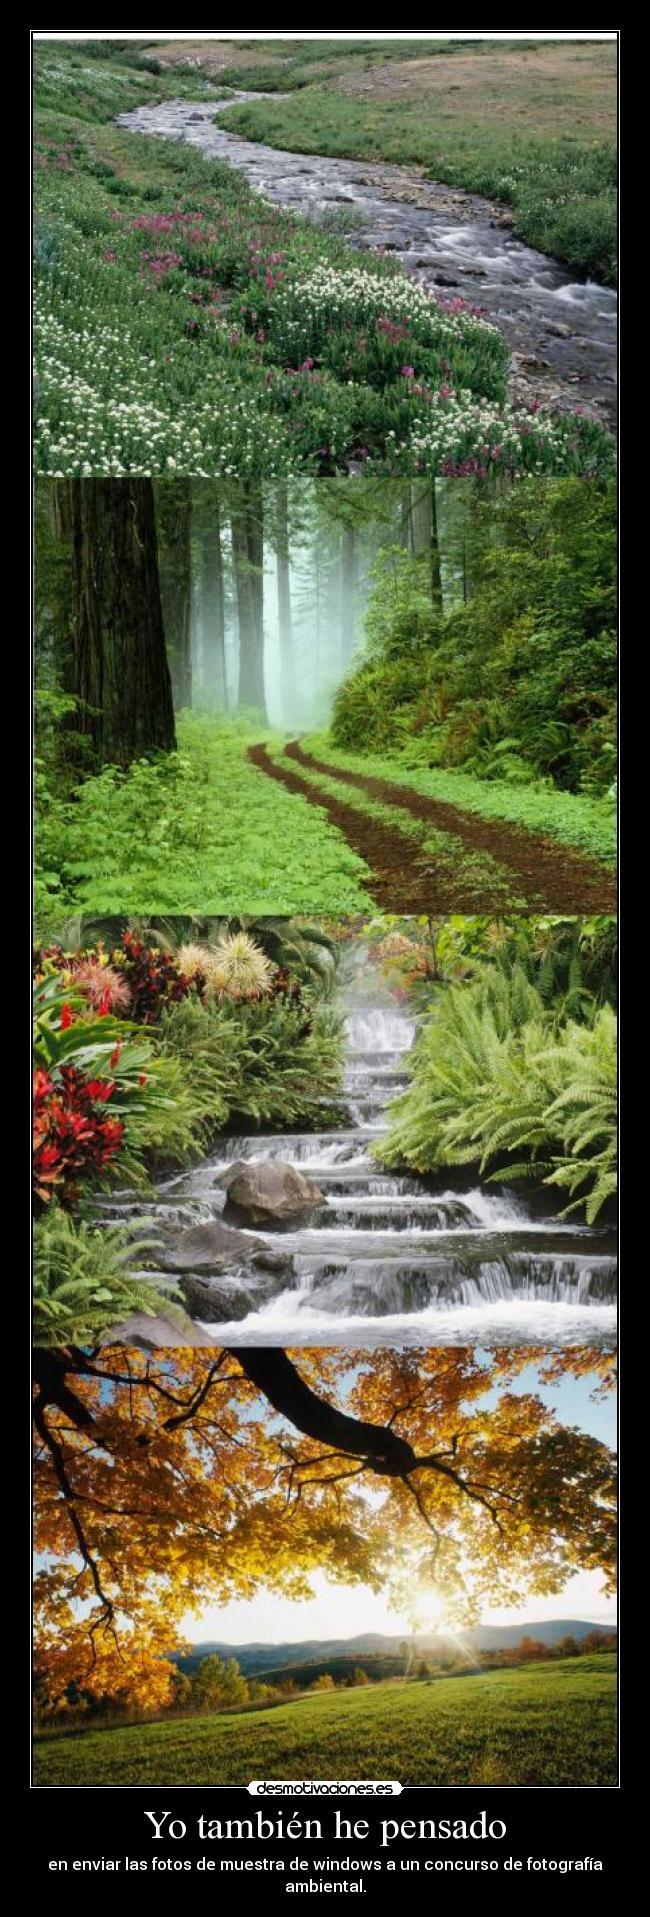 carteles fotos ambiente ambiental muestra windows desmotivaciones